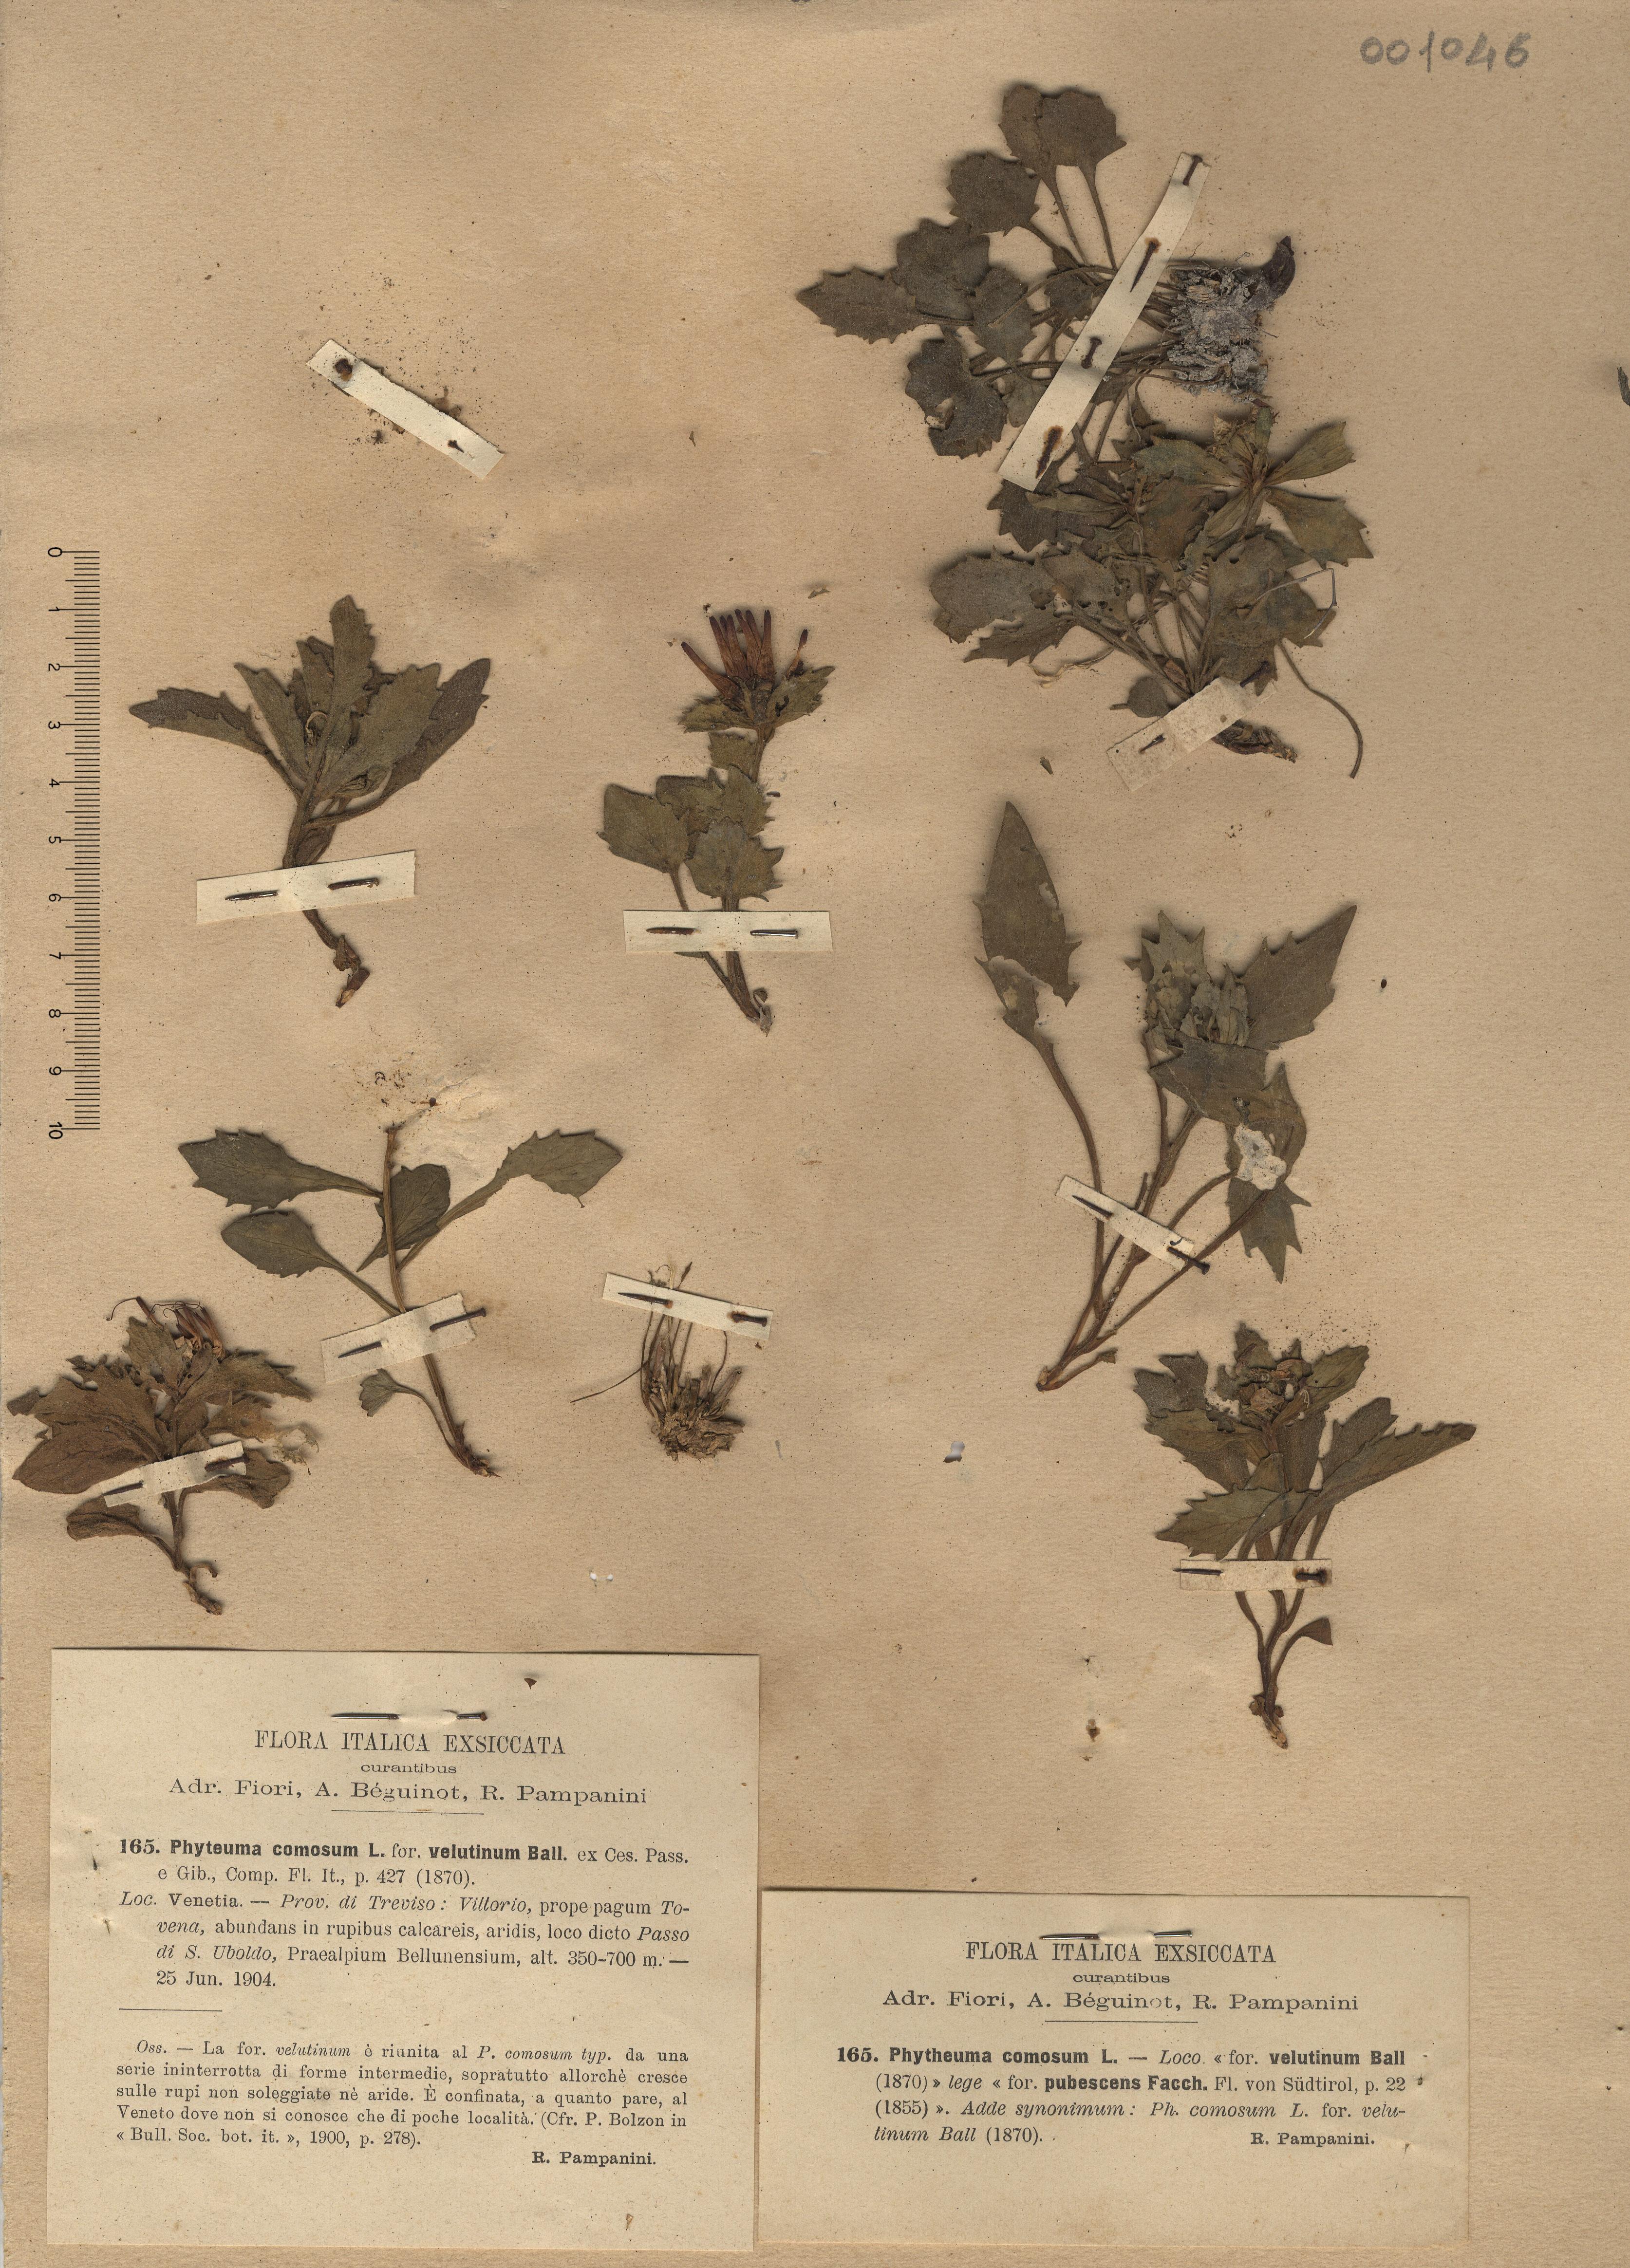 © Hortus Botanicus Catinensis - Herb. sheet 001046<br>